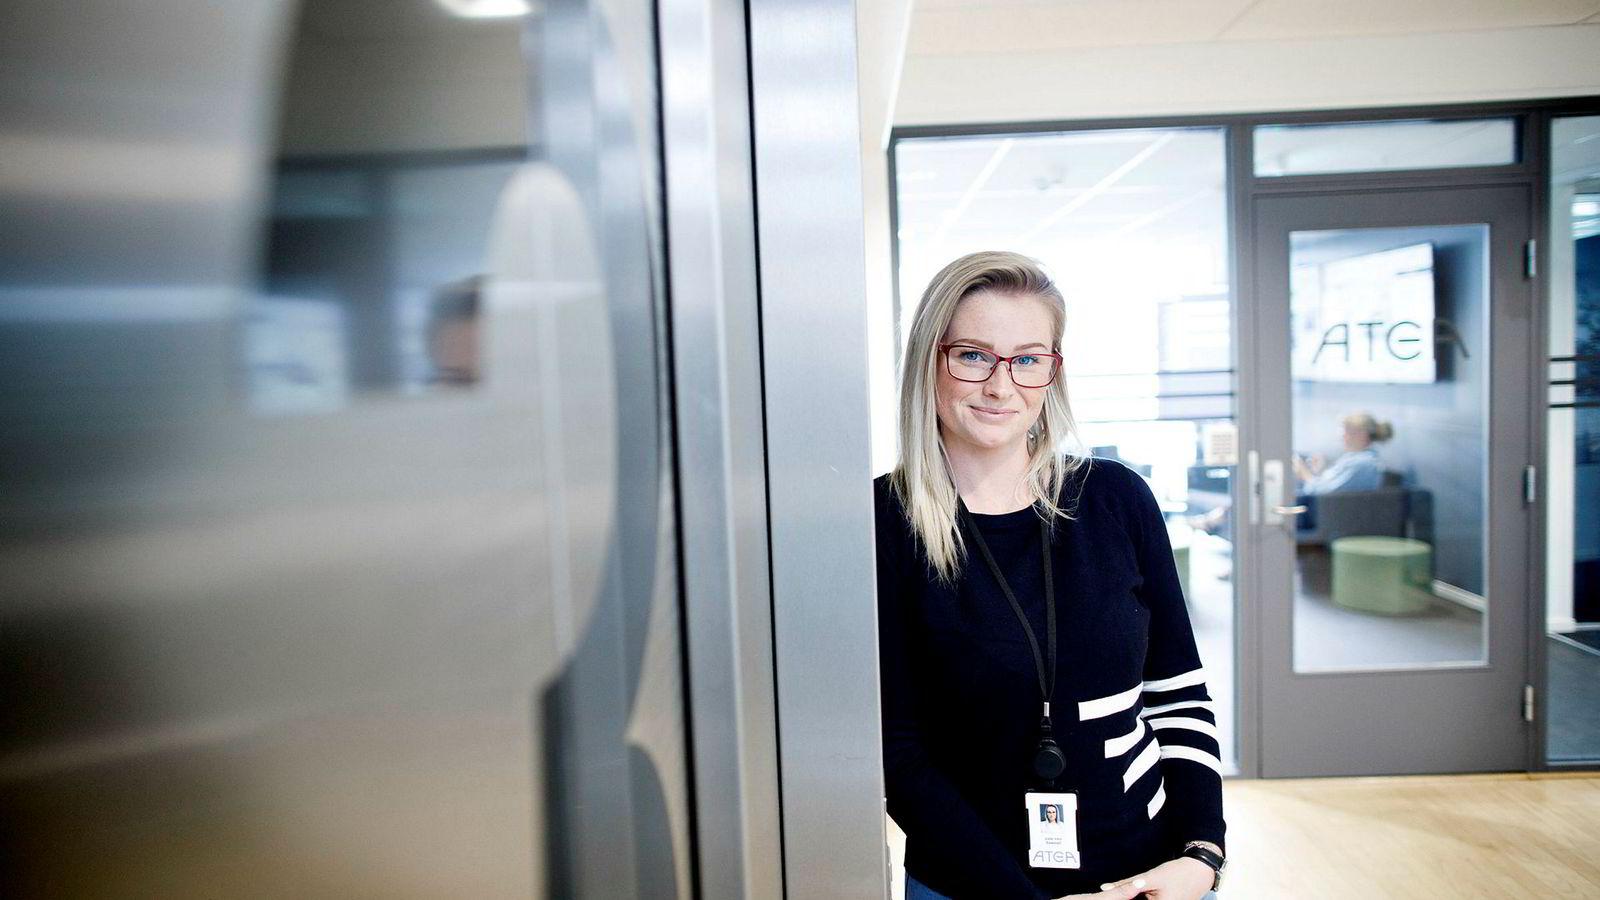 Julie Iren Saastad (25) har jobbet seg opp i Atea og leder en avdeling med 17 ansatte. – Jeg er langt fra utlært, men grunnverdiene mine om å se menneskene og legge til rette for at hver enkelt skal kunne utvikle seg og oppnå sine mål, kommer nok alltid til å være en av mine viktigste lederegenskaper, sier hun.